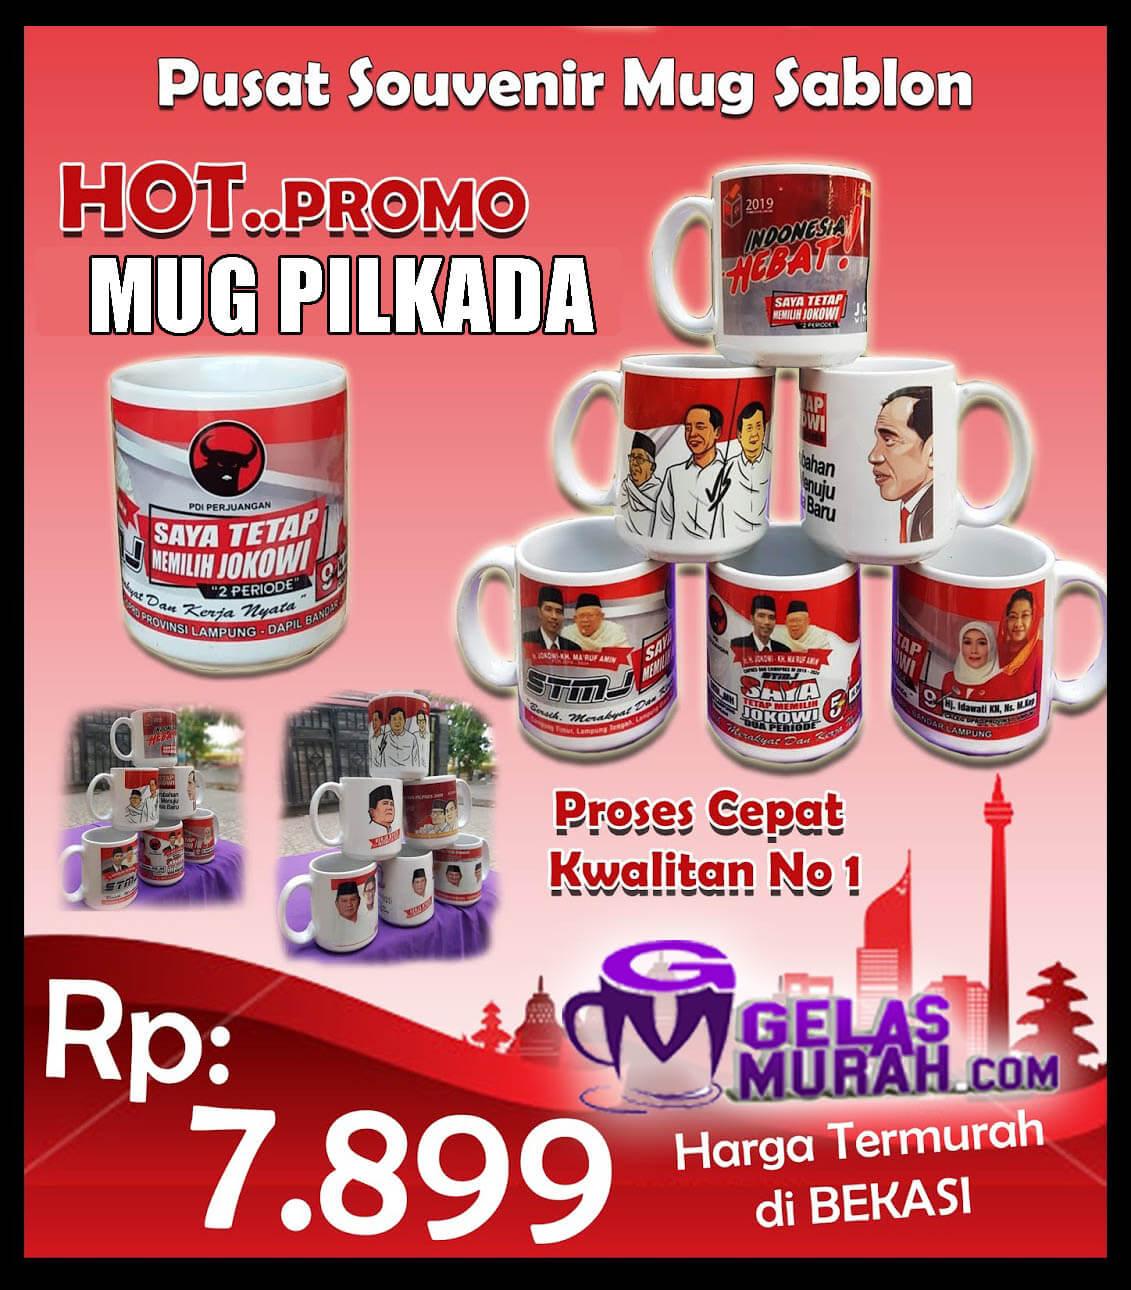 Mug Pilkada